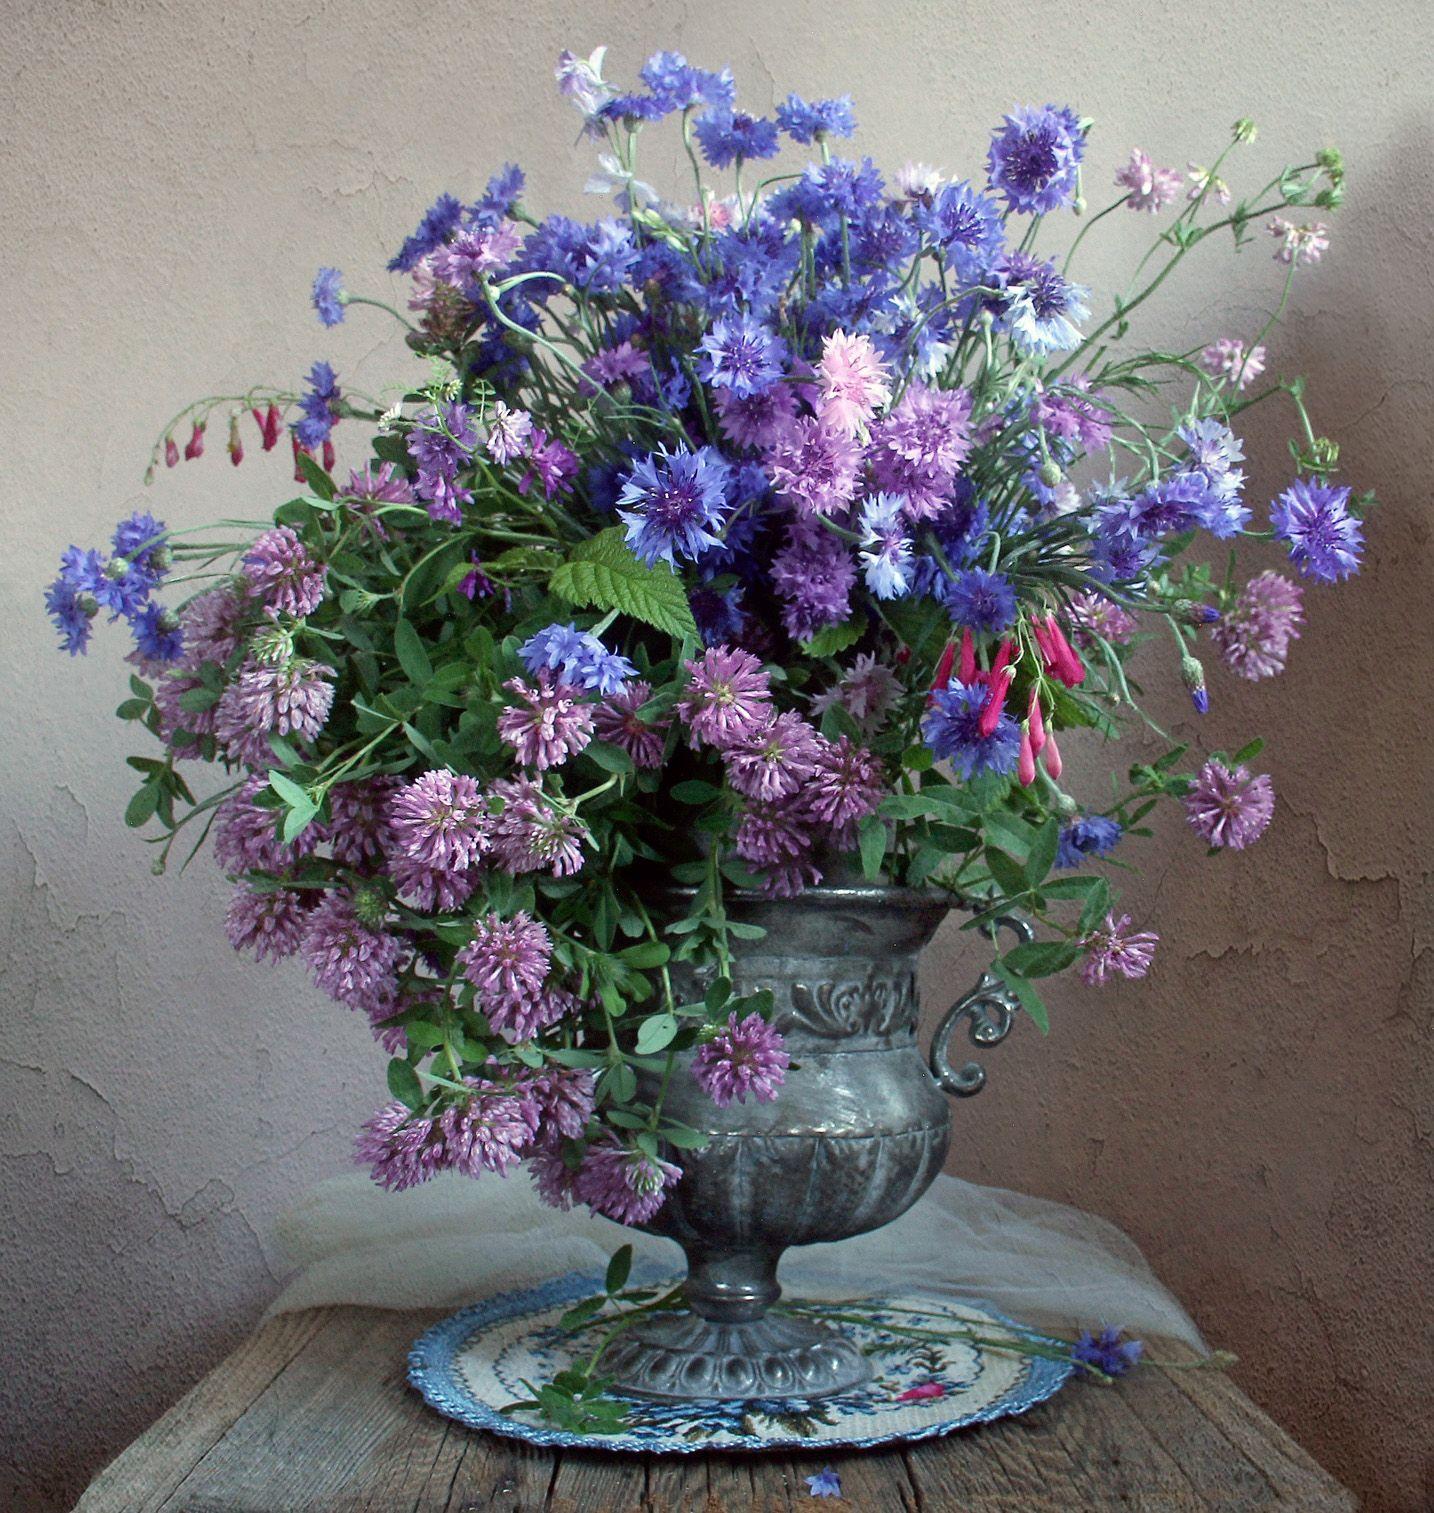 лето,  цветы, натюрморт, марина филатова, васильки, клеве, луговые цветы, Филатова Марина